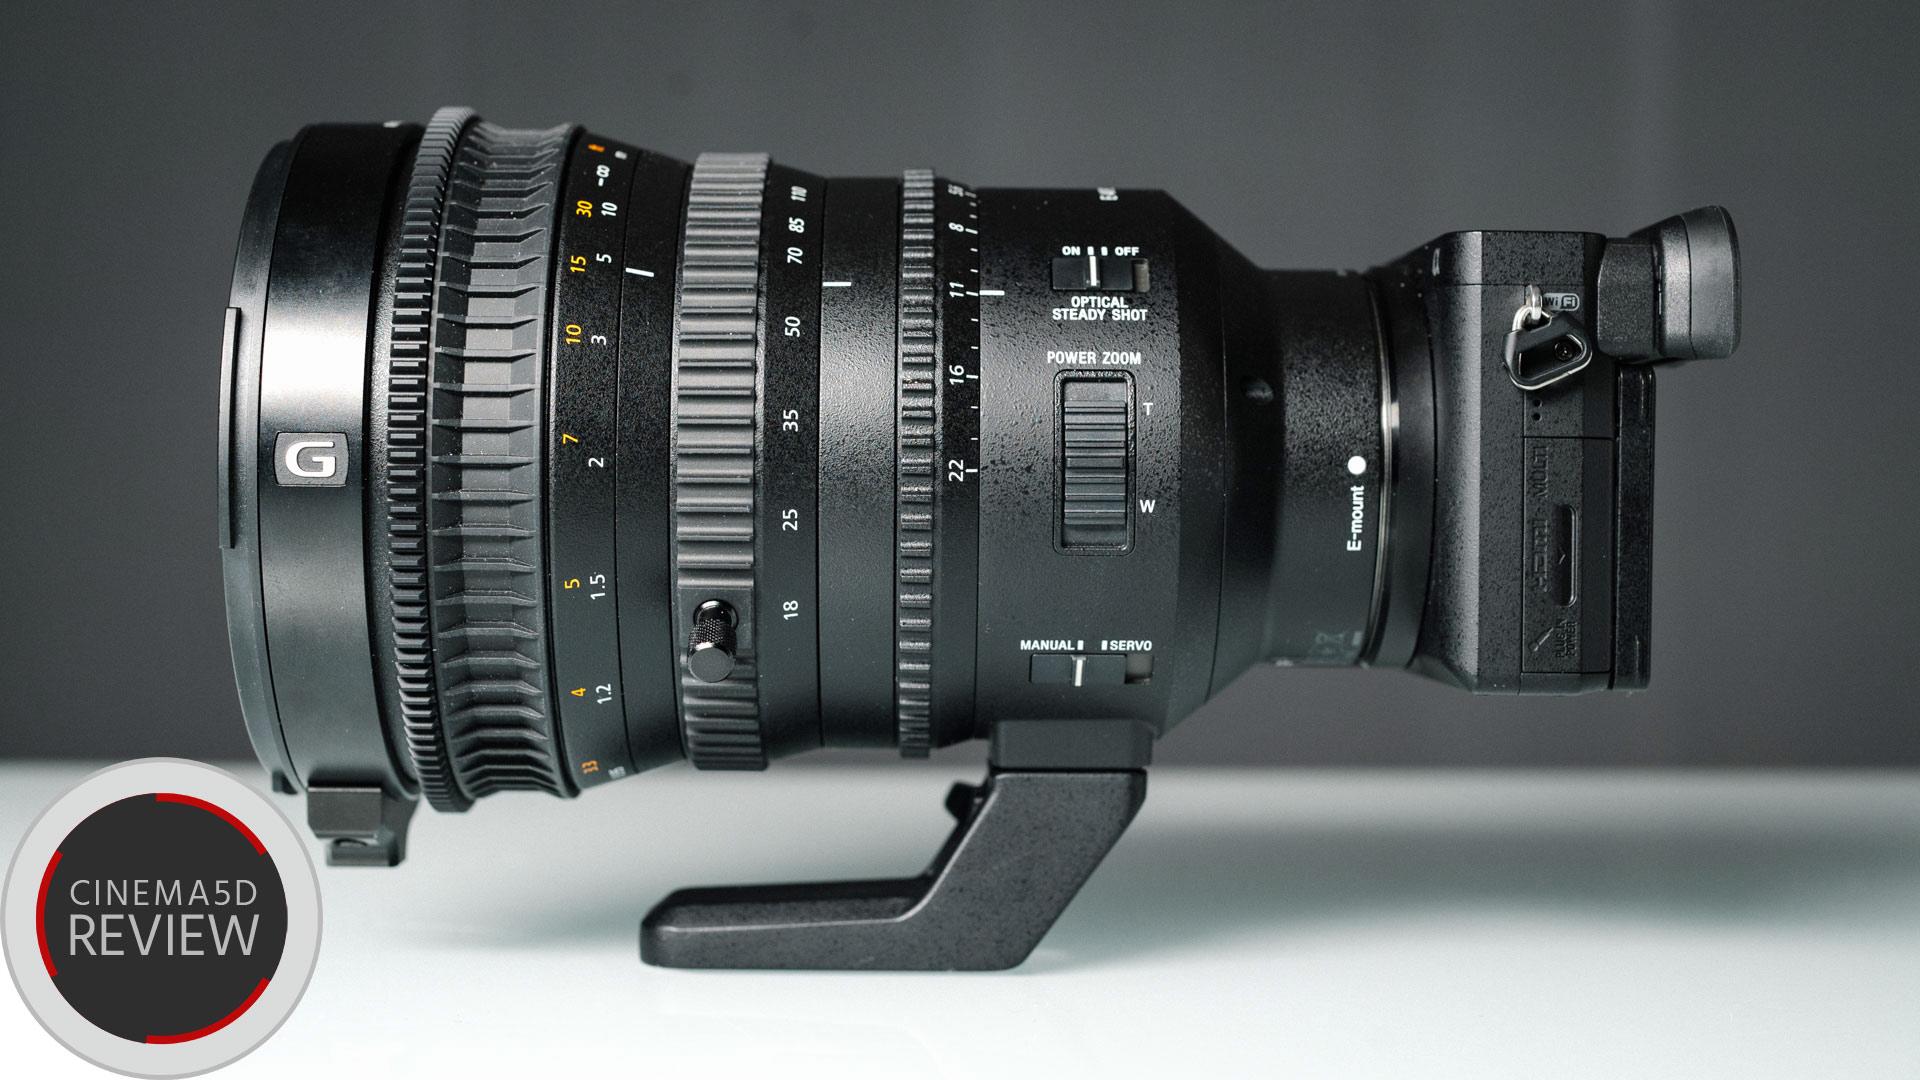 Reseña del Sony 18-110mm - Un zoom para cine y video único en su género